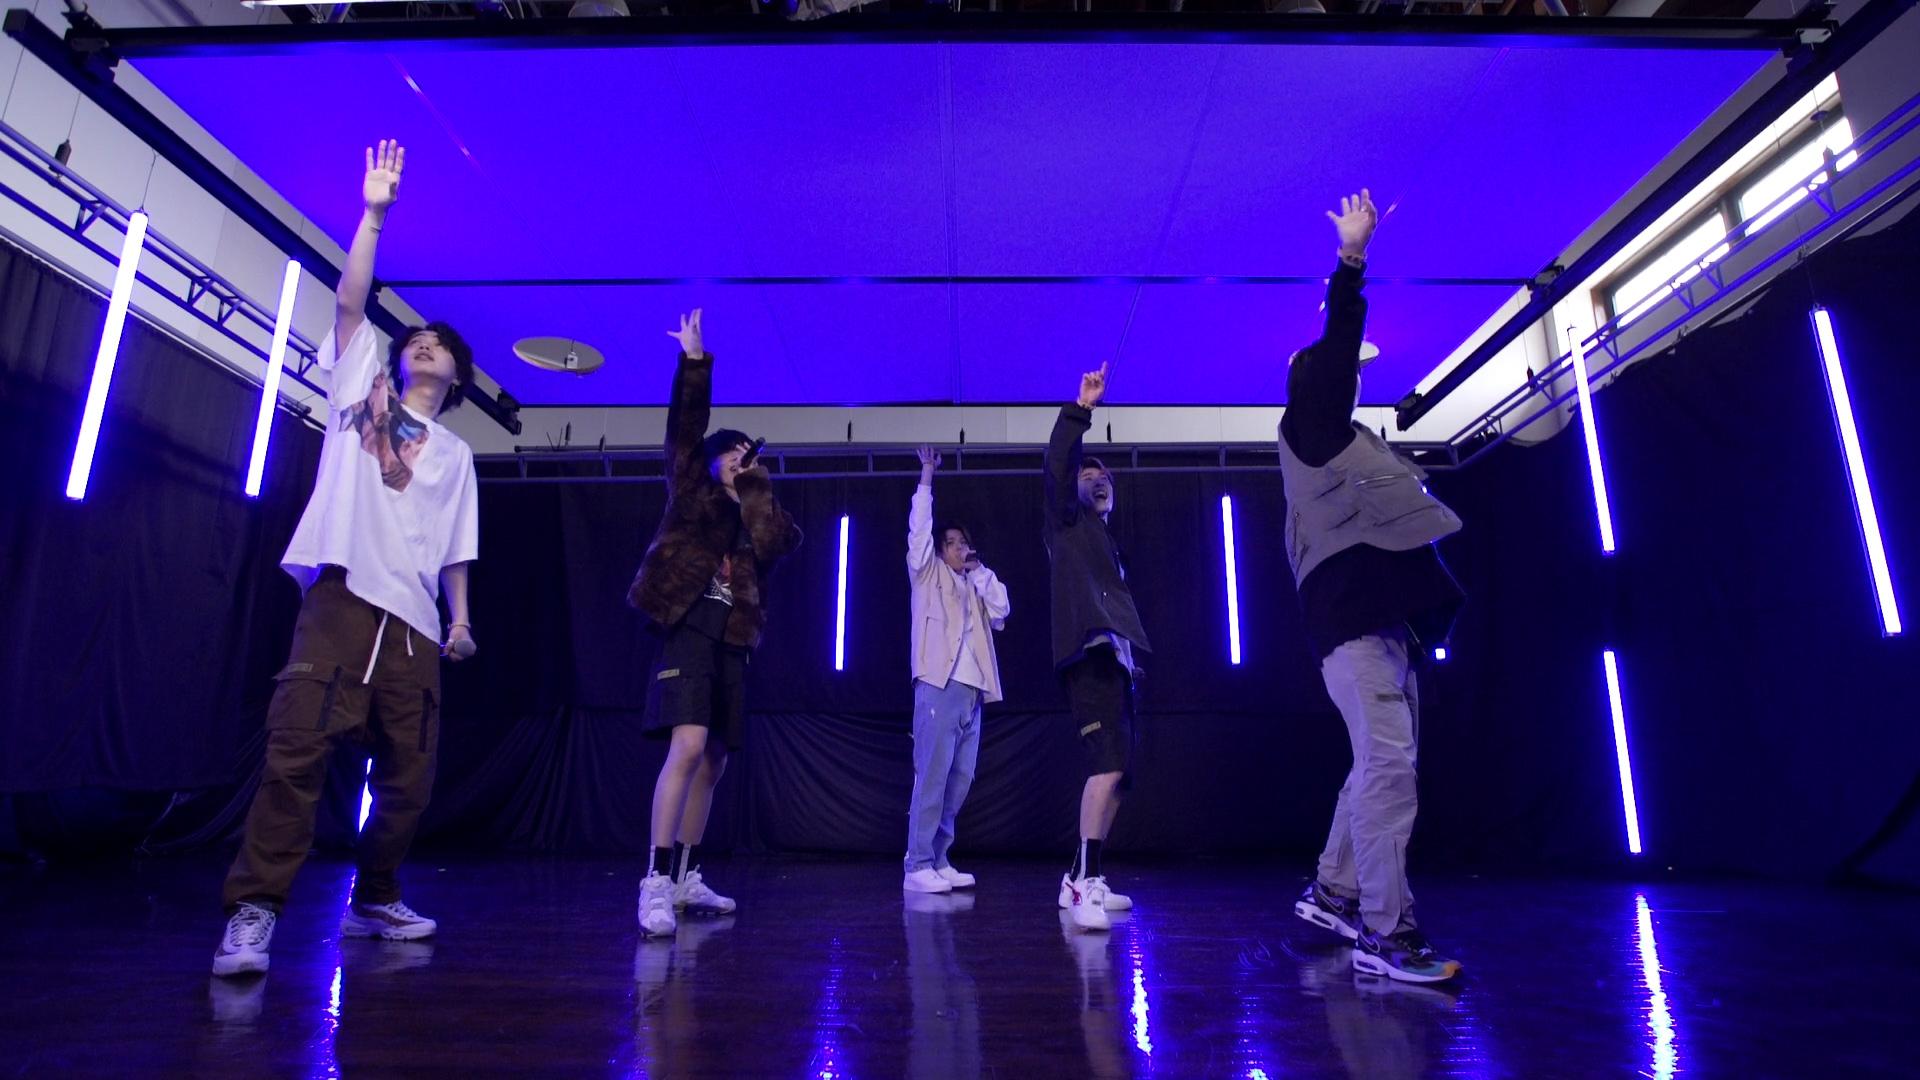 THE FIRST 合宿クリエイティブ審査] Good Days / Team B (ジュノン、リョウキ、シュンスケ、ラン、リュウヘイ)  サムネイル